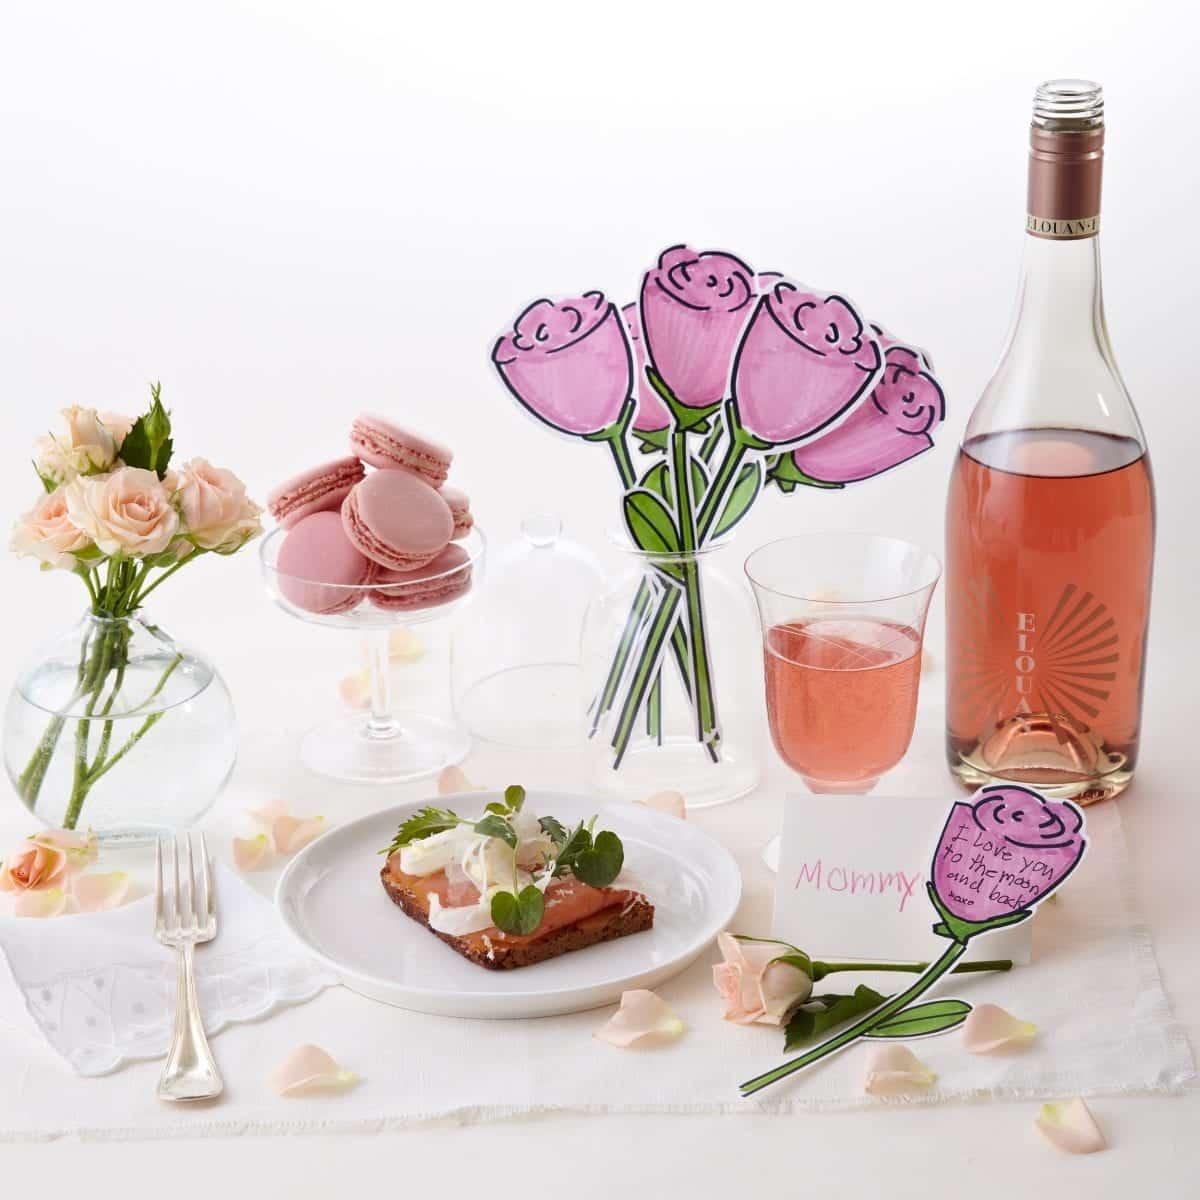 Darcy Miller, Mother's Day, Brunch, Roses